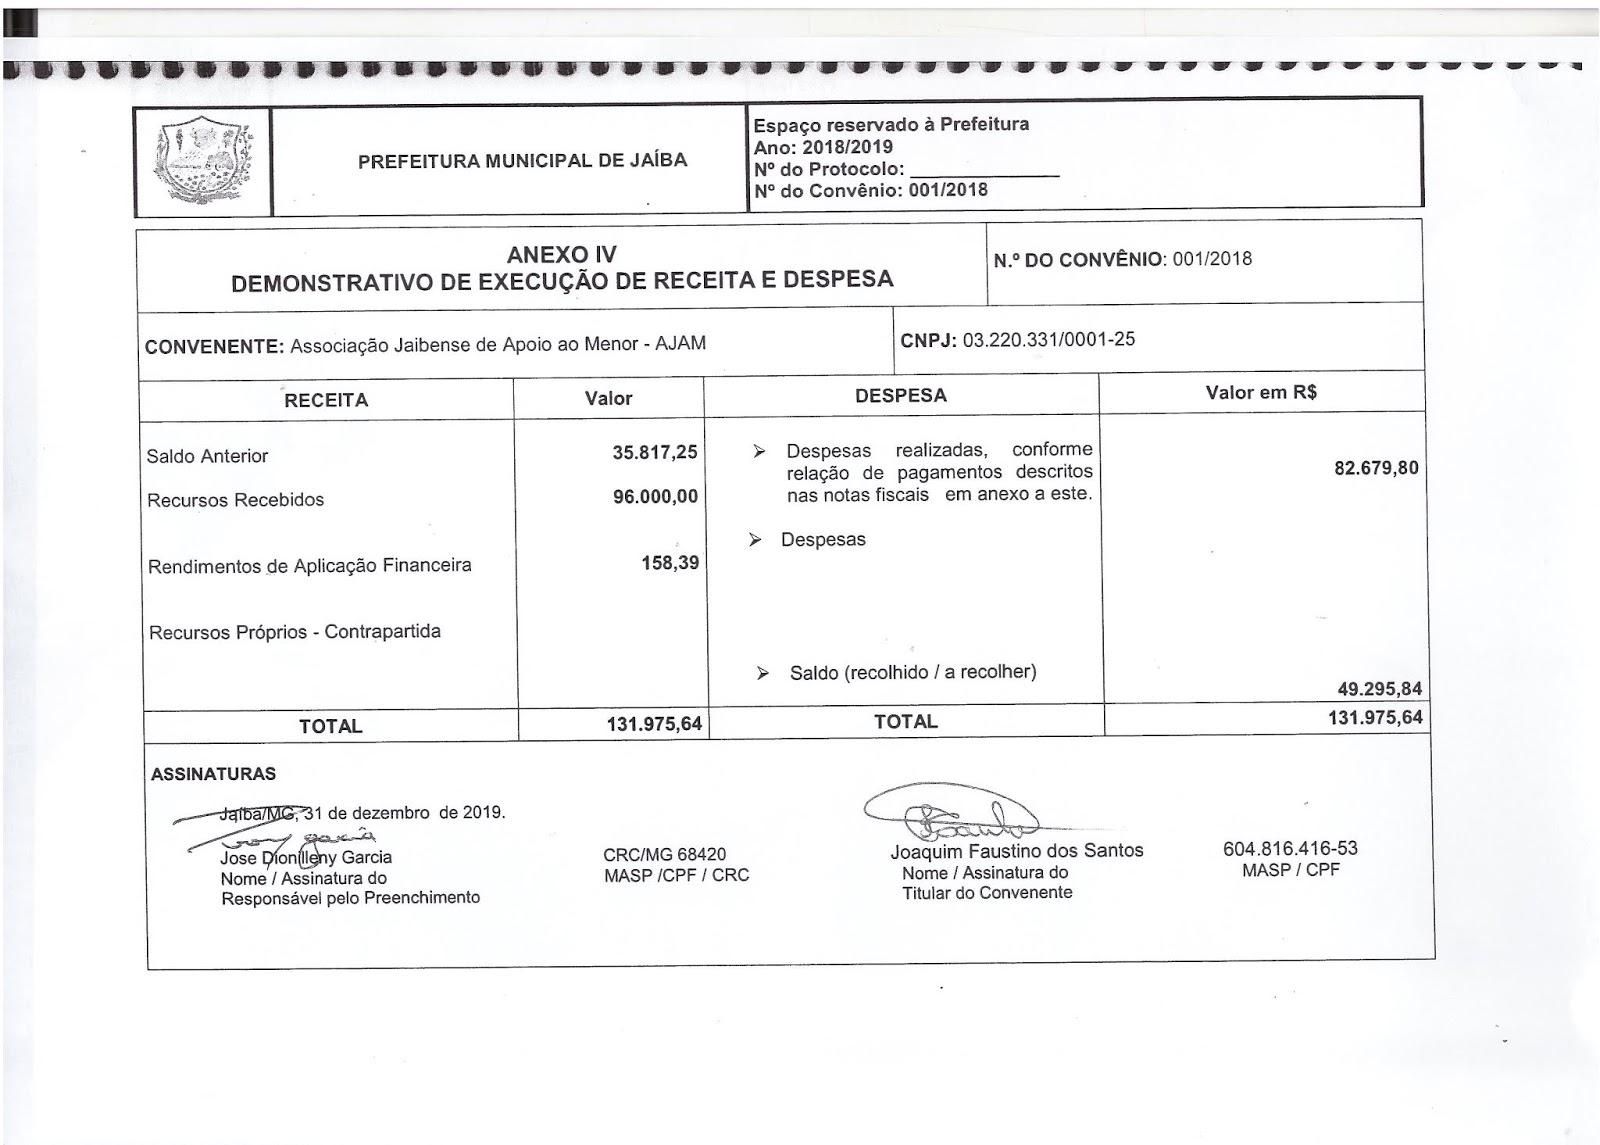 Prestação de Contas do Convênio 001/2018 com a Secretaria Municipal de Assistência Social